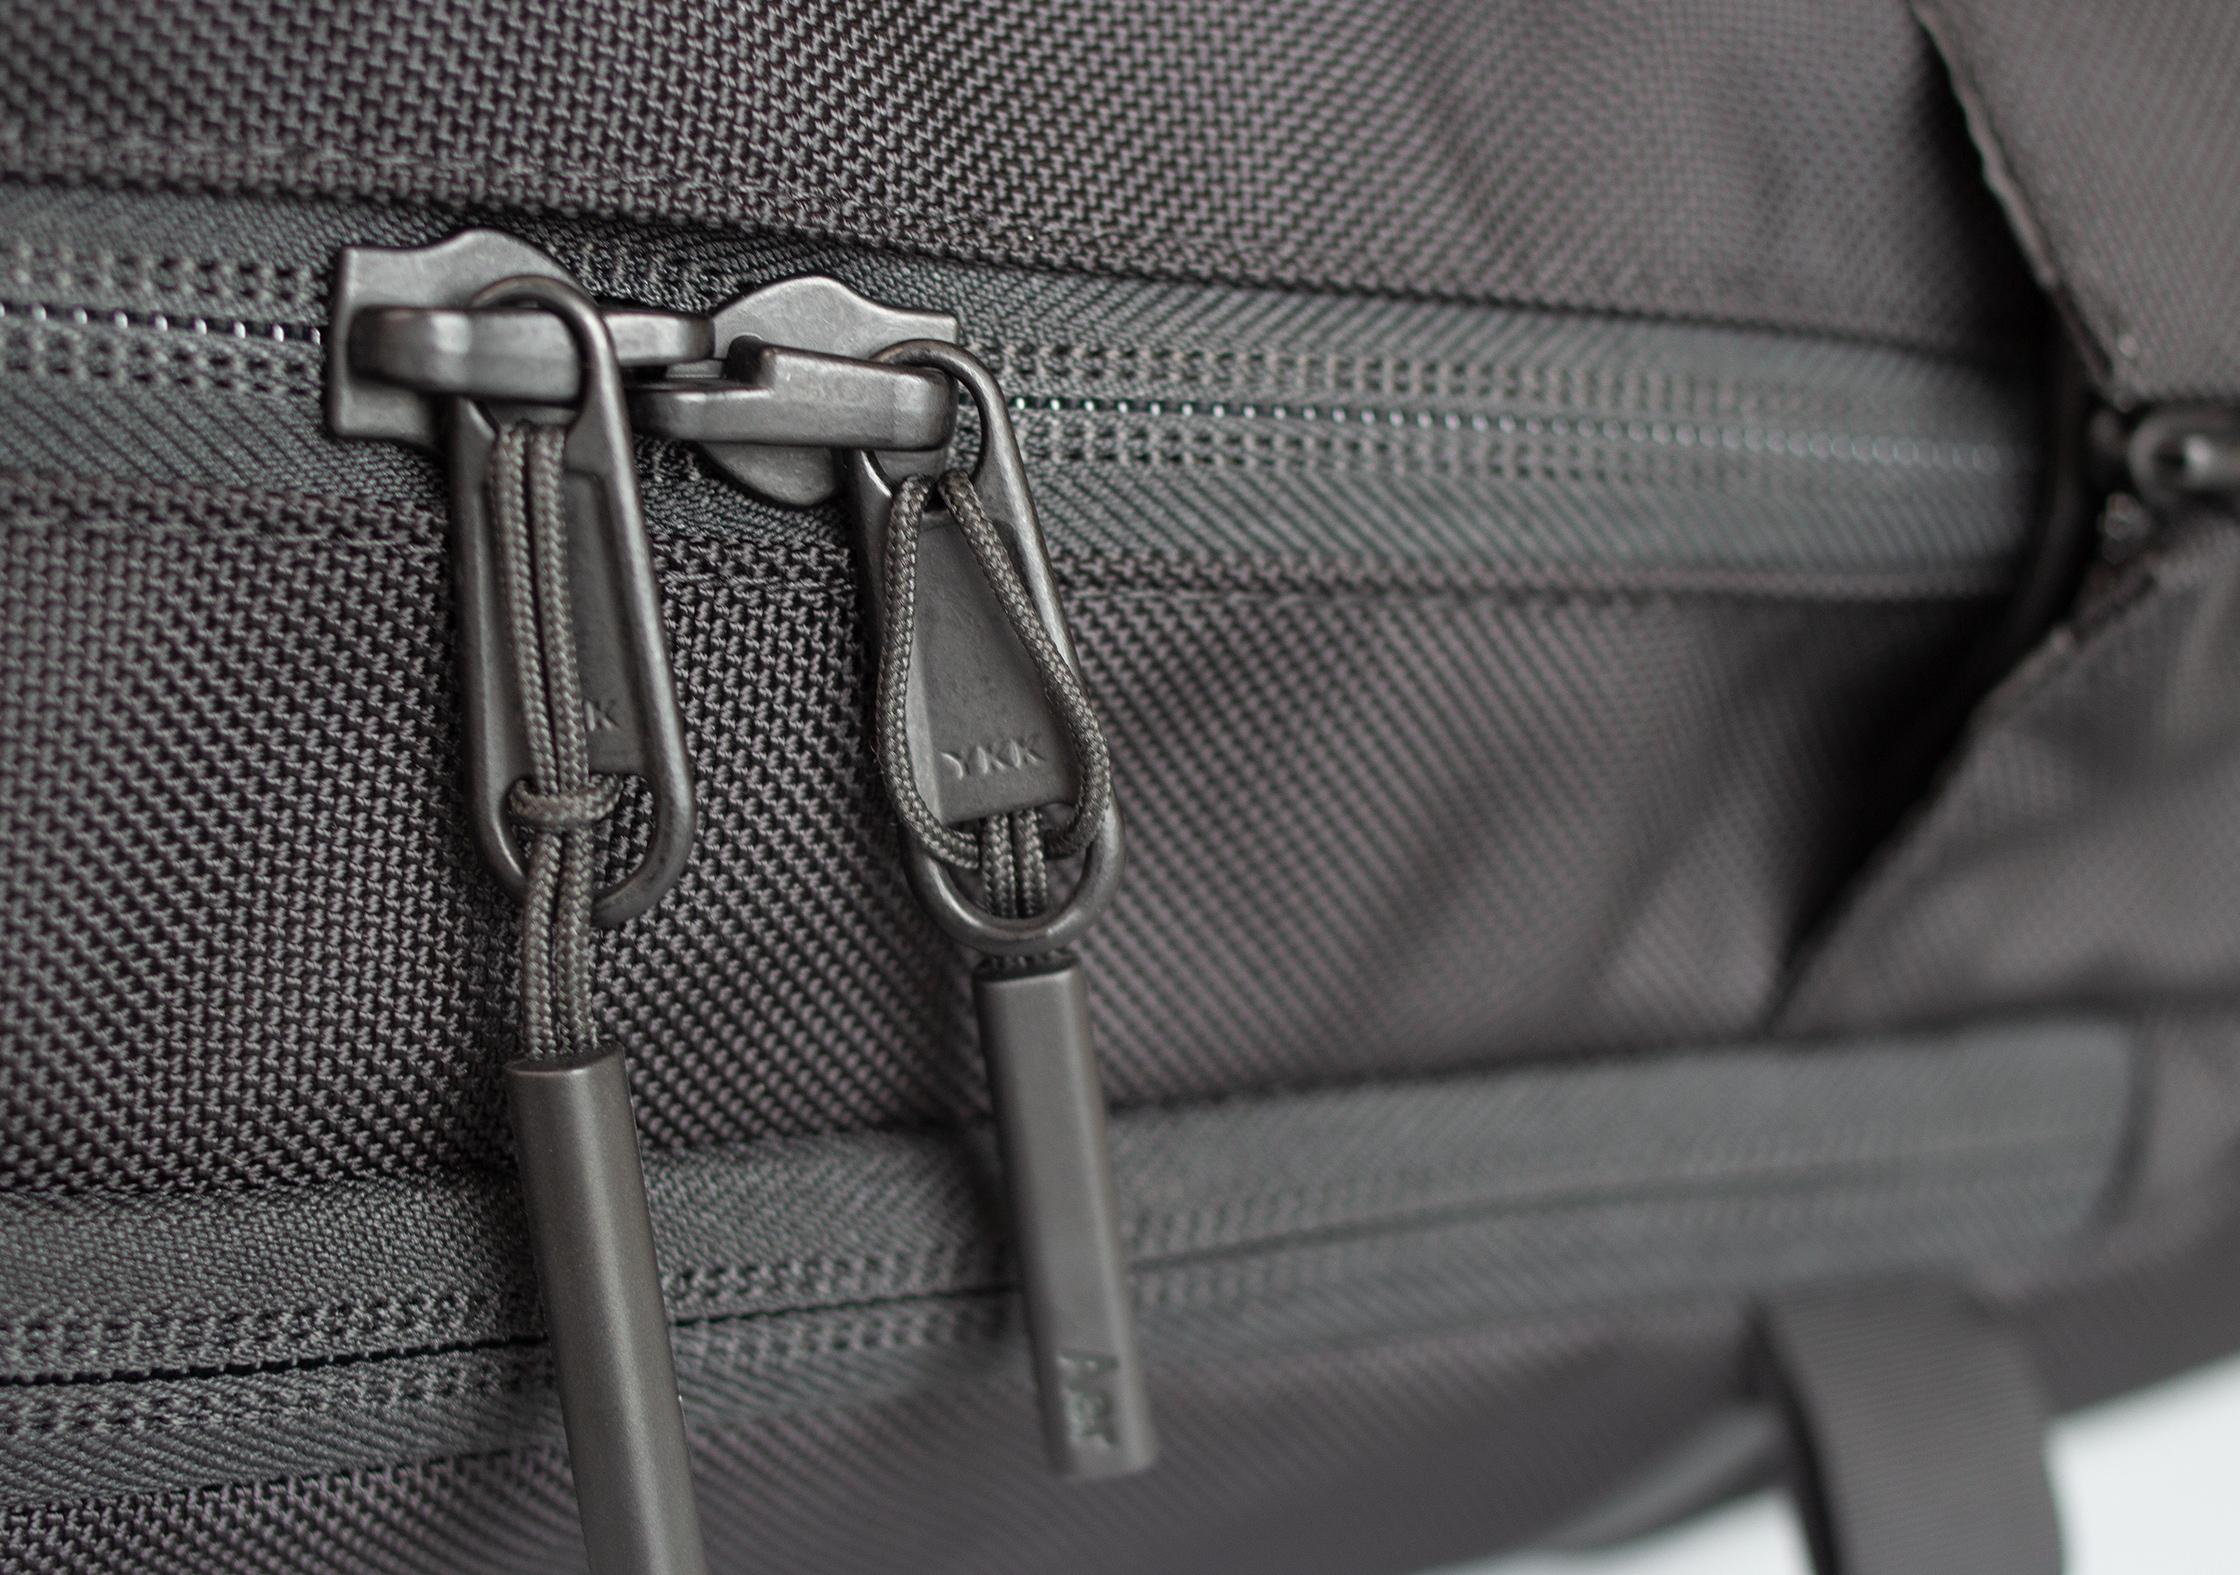 Aer Flight Pack 2 YKK Zippers